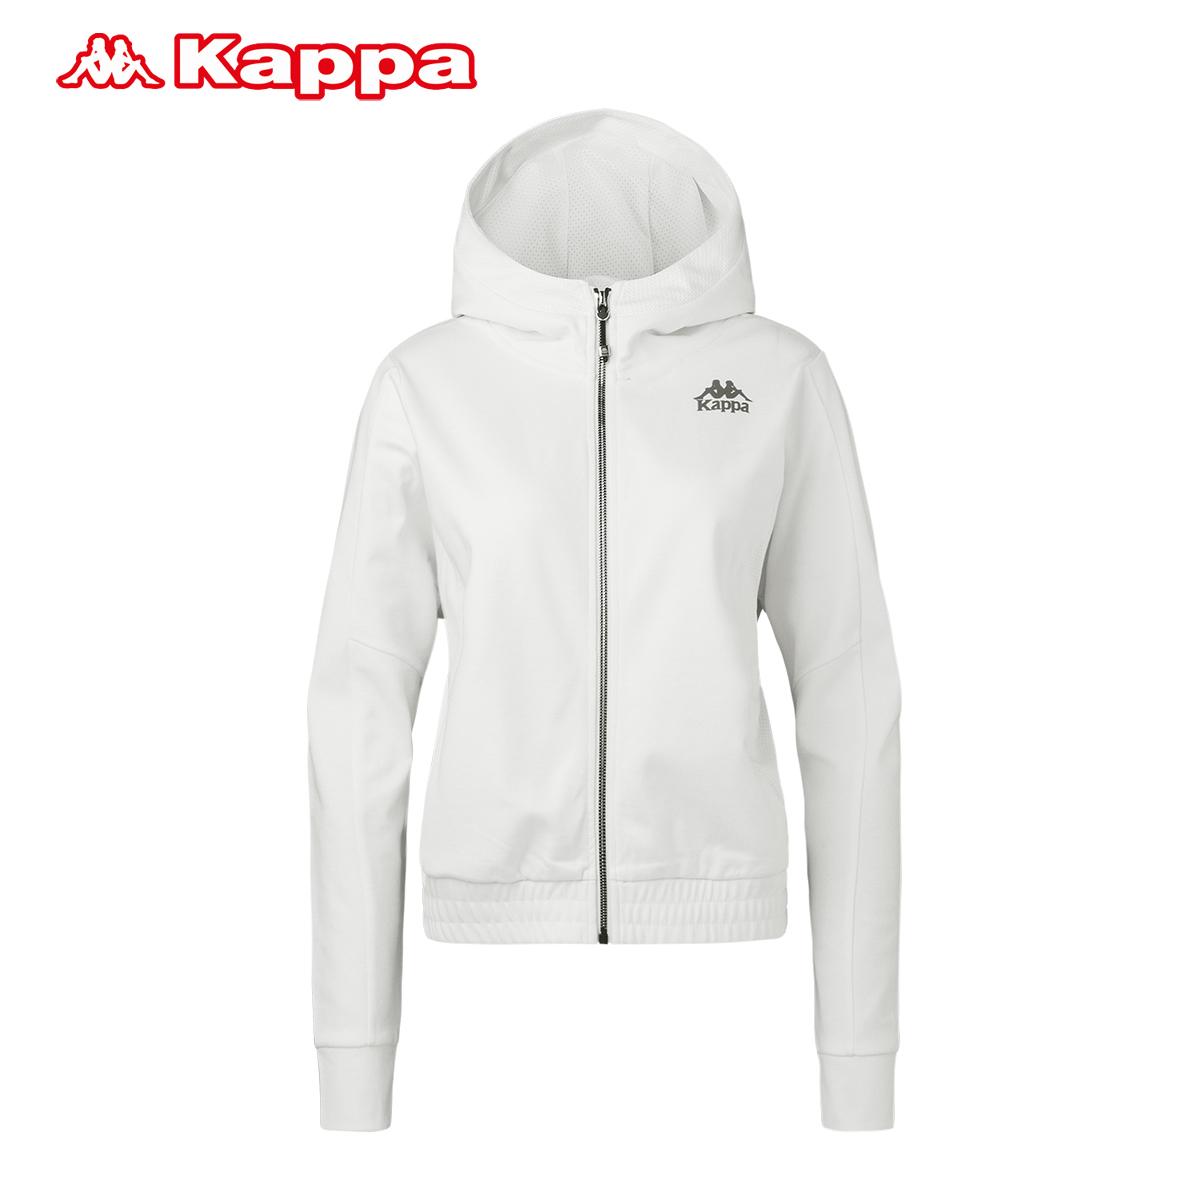 背靠背Kappa卡帕 女款连帽运动卫衣 休闲外套运动服秋季K0762MK02